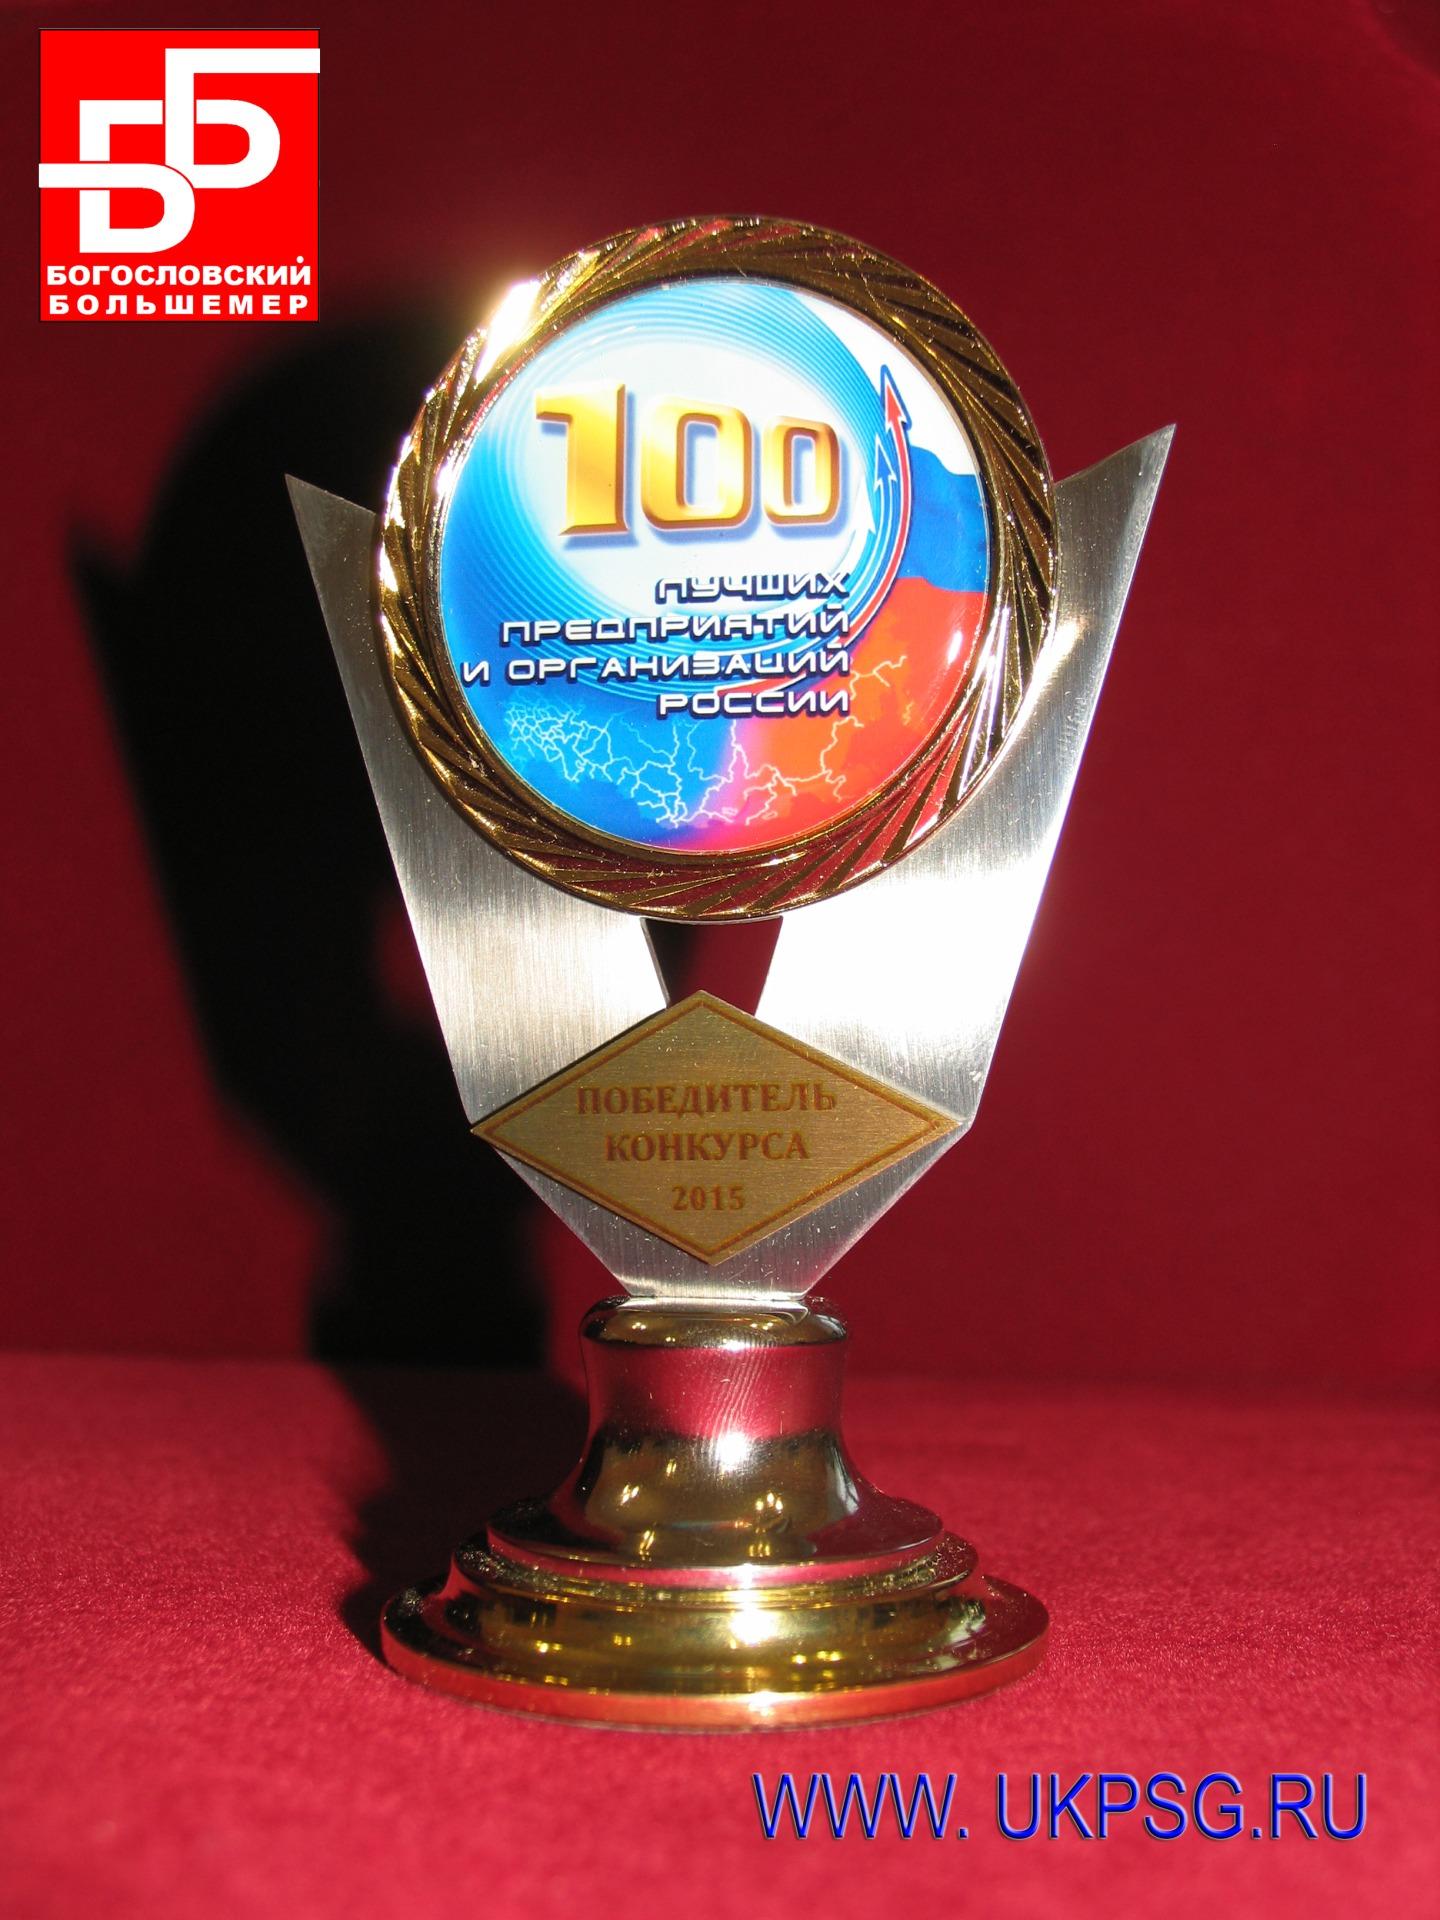 Награда 100 лучших предприятий